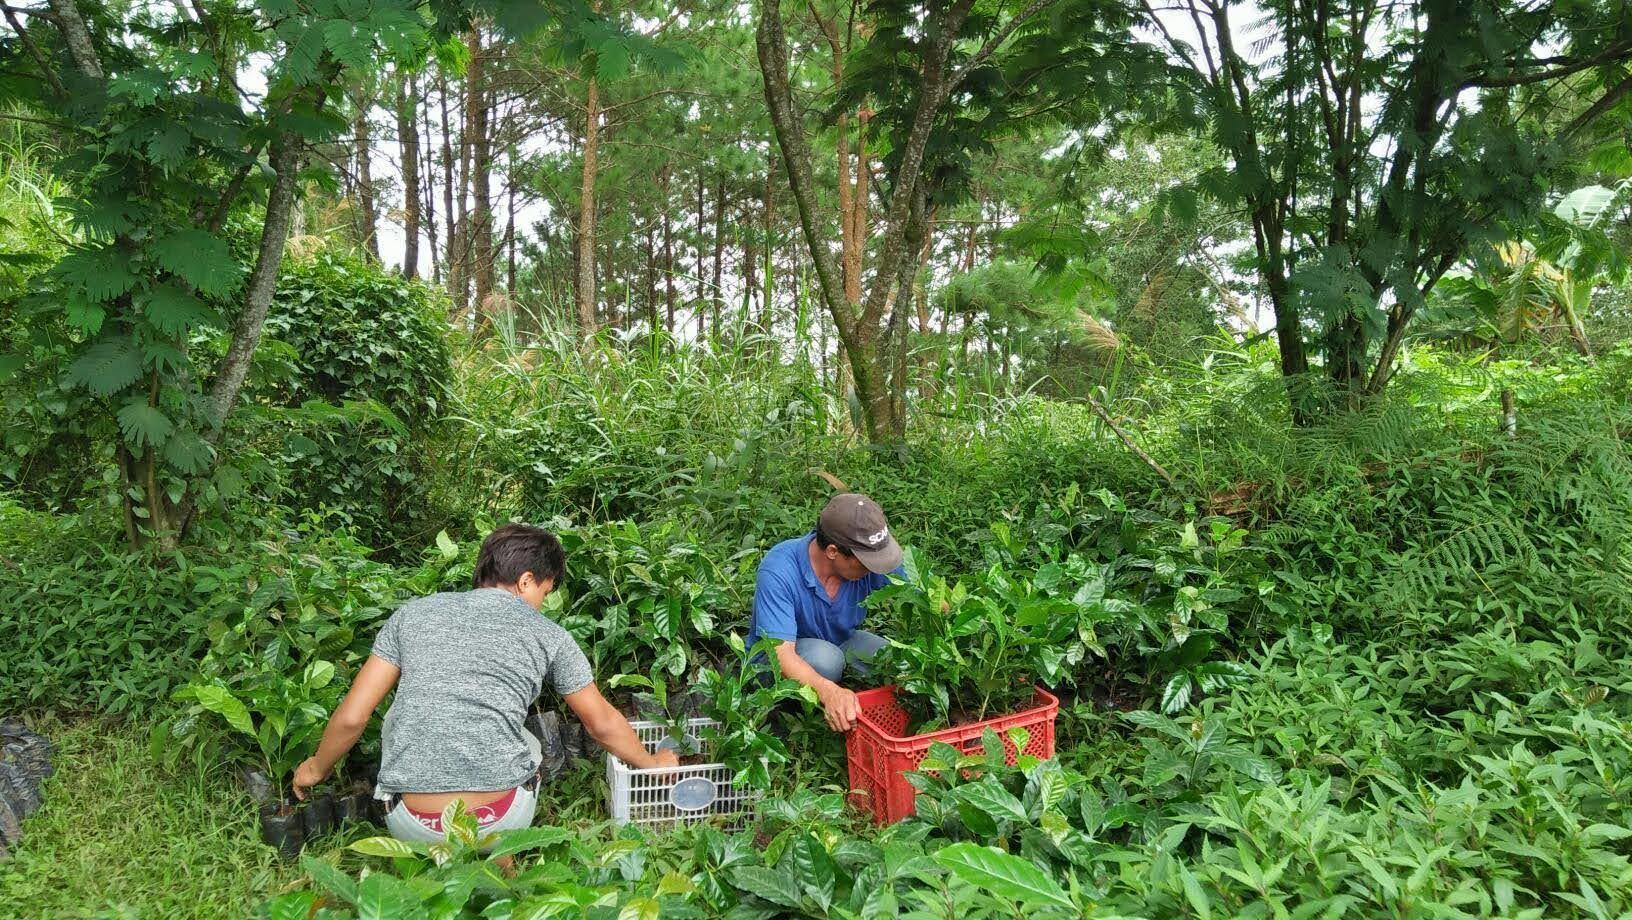 フィリピン・ベンゲット州における鉱山開発地域の森林再生事業〈中間報告〉_b0128901_20372807.jpg